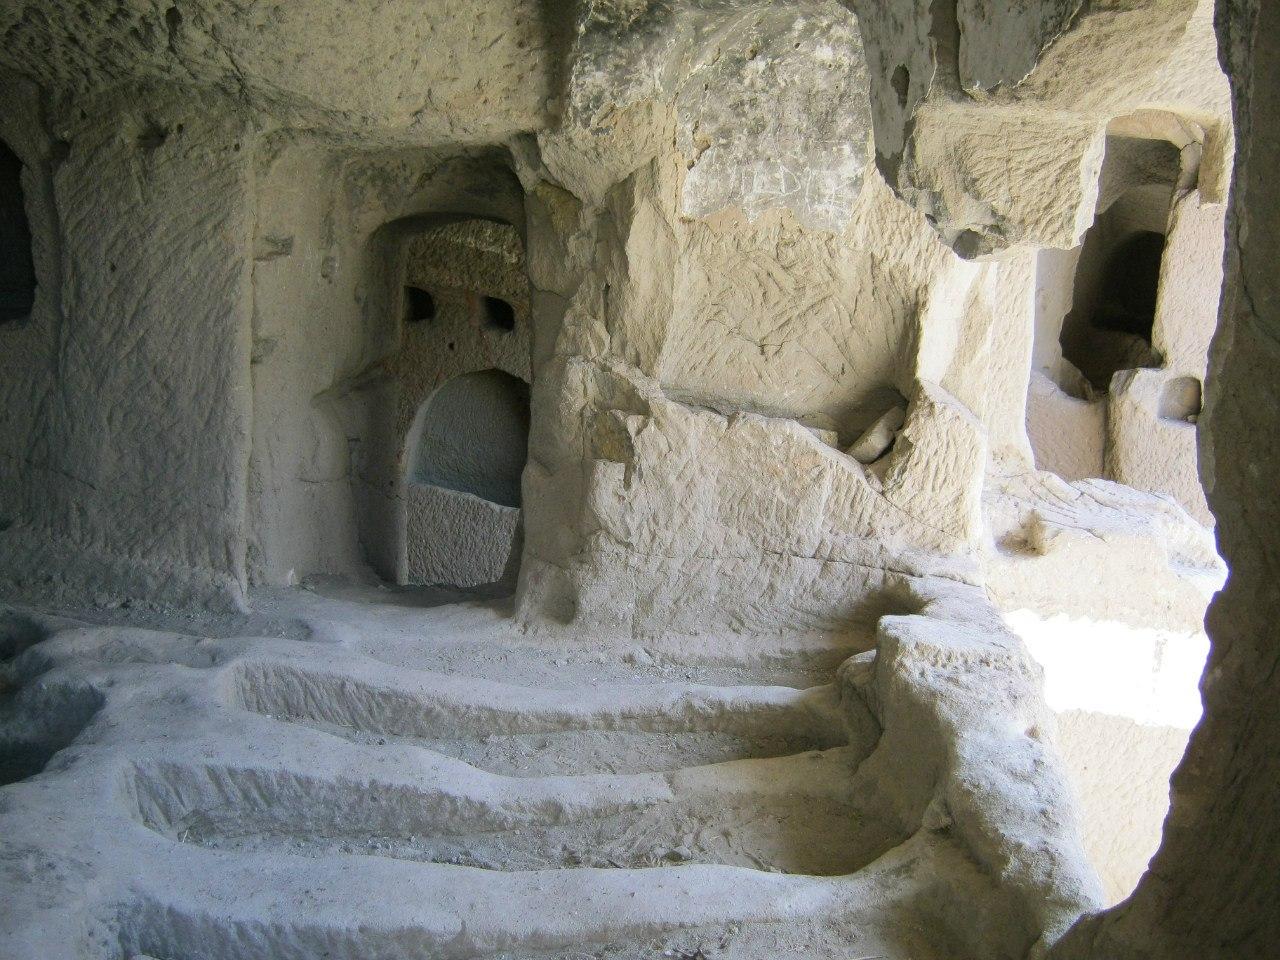 Одно из выдолбленных в скале помещений в Каппадокии